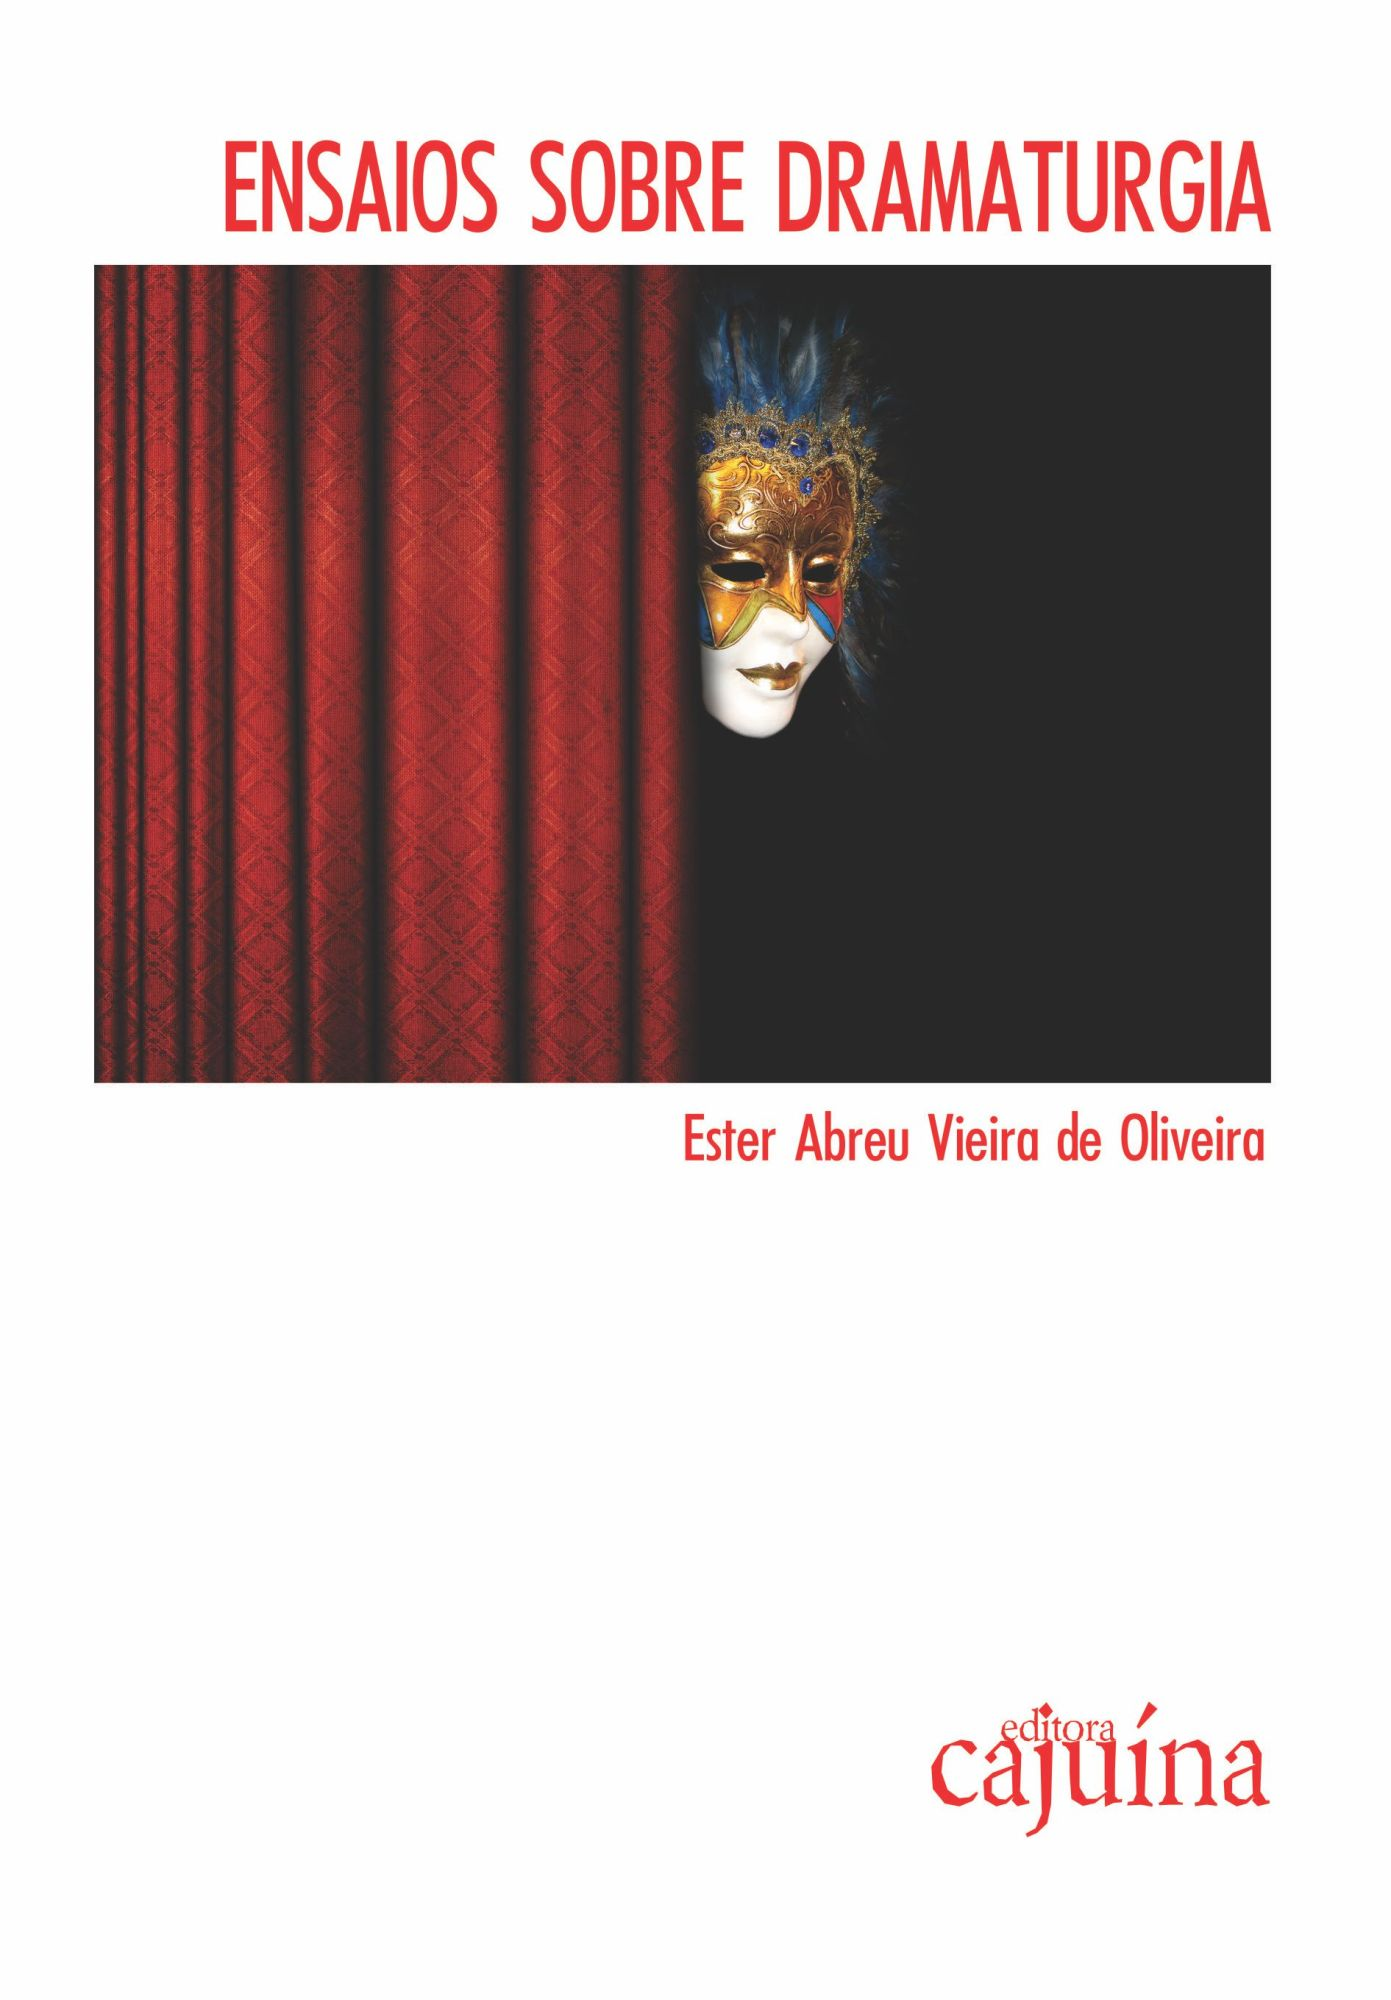 Ensaios sobre dramaturgia, livro de Ester Abreu Vieira de Oliveira